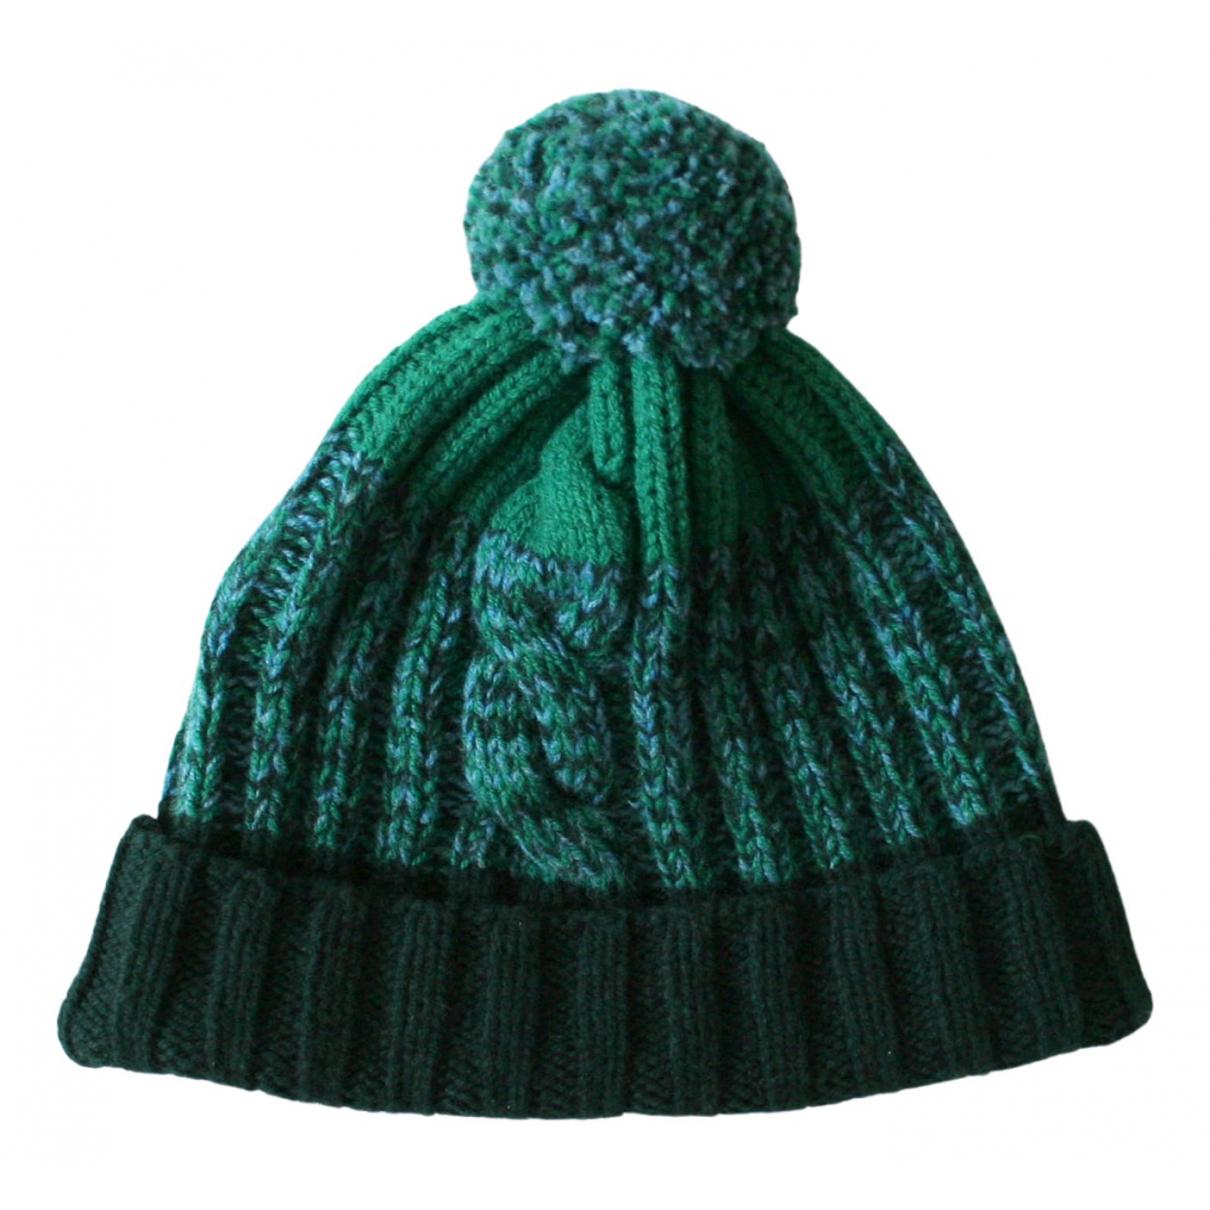 Paul Smith - Chapeau & Bonnets   pour homme en laine - vert